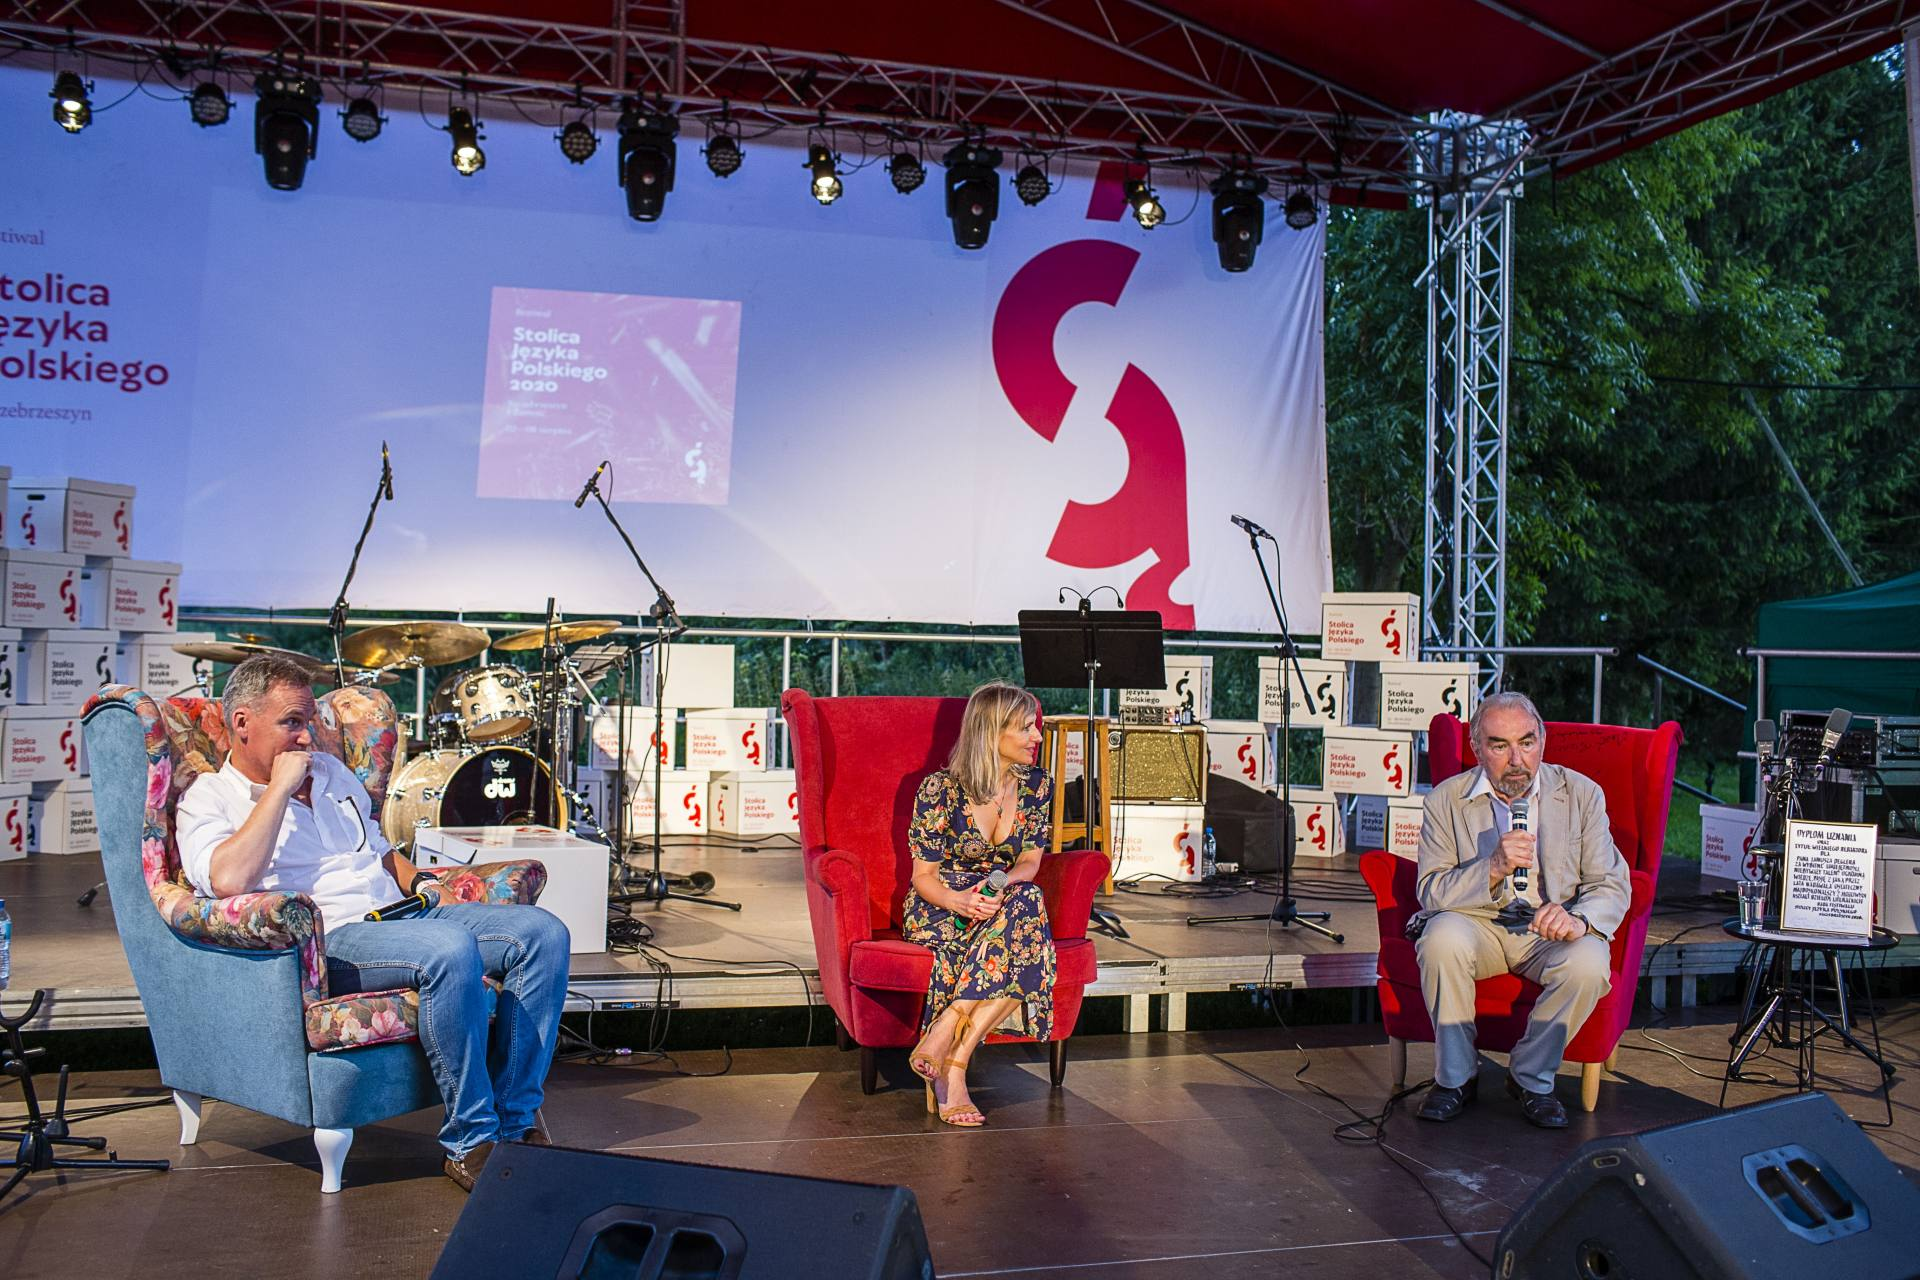 rozmowa z januszem deglerem fot wojciech lembryk Festiwal Stolica Języka Polskiego 2020 - znamy laureata Nagrody Wielkiego Redaktora.